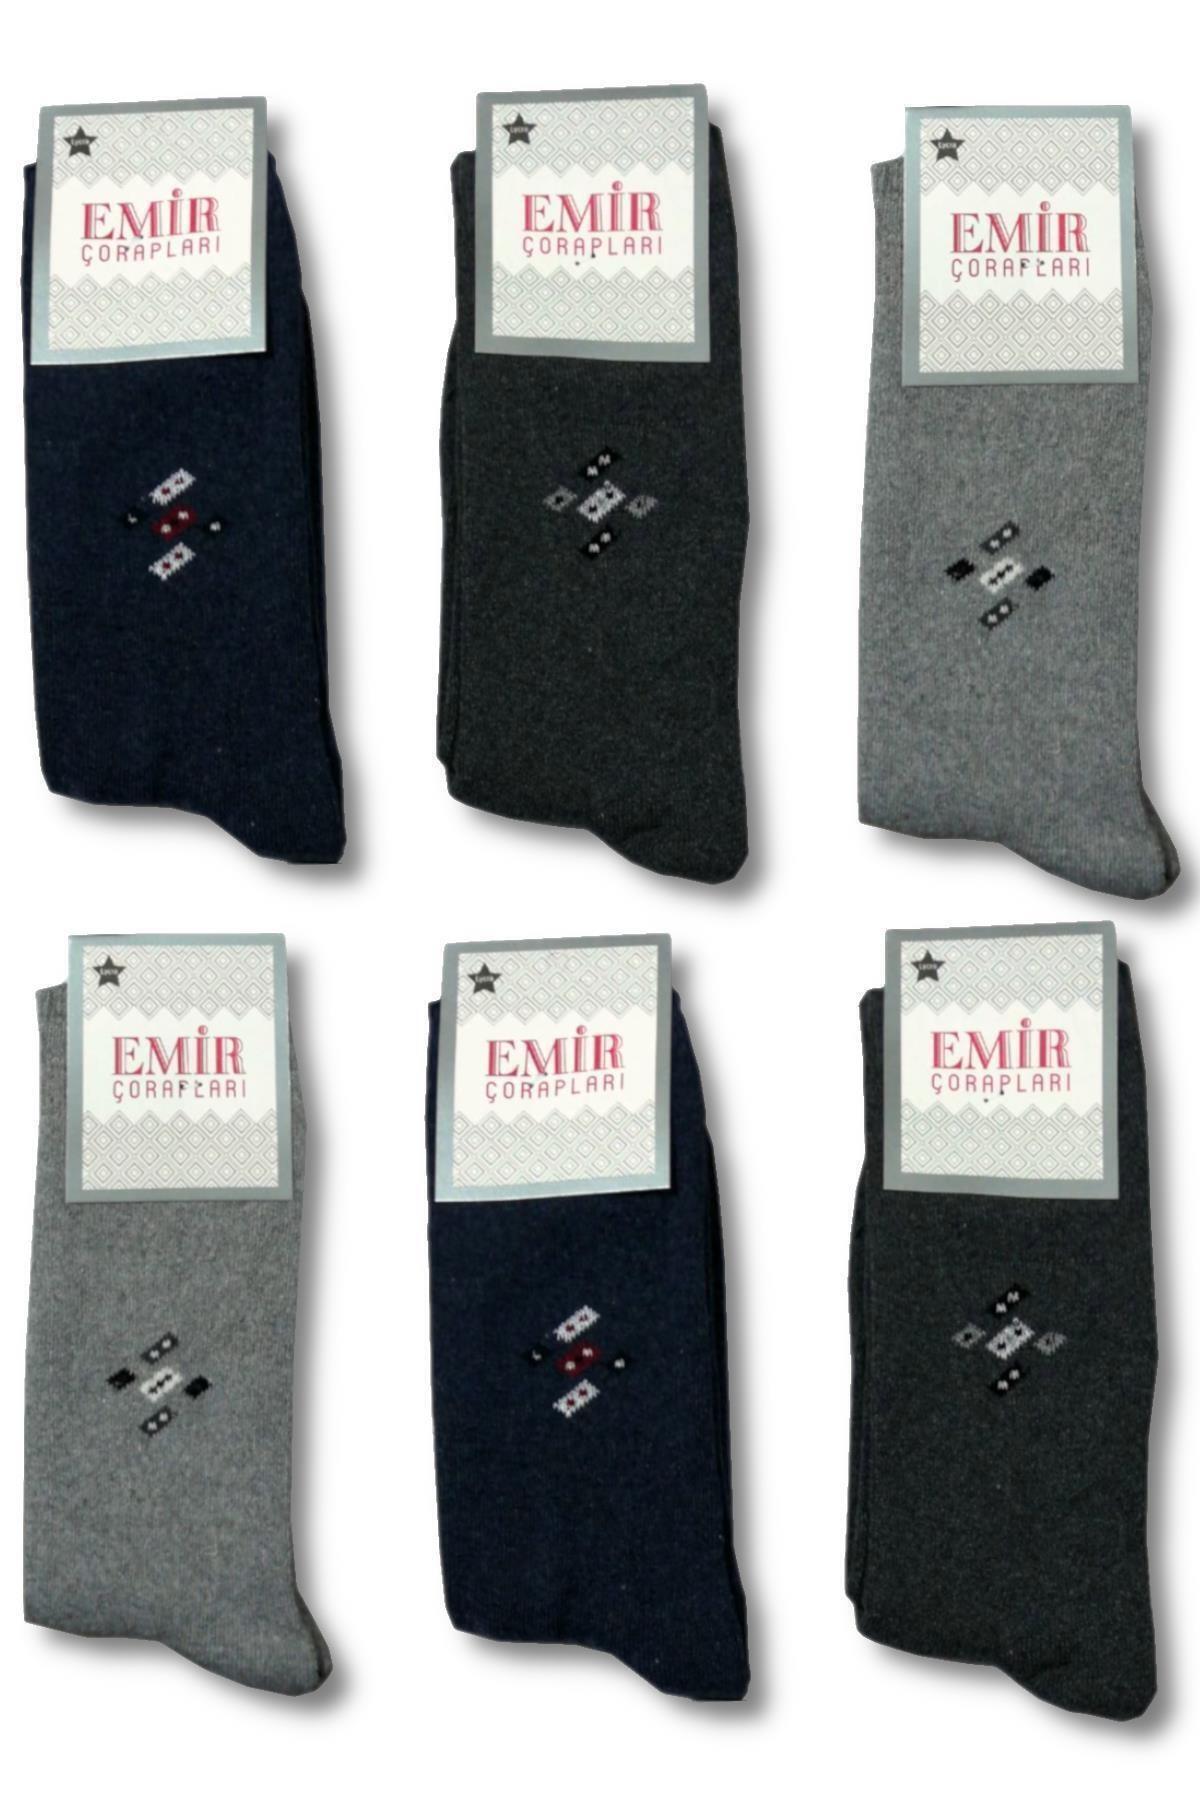 6 Çift Emir Kalın Kışlık Havlu Erkek Çorap